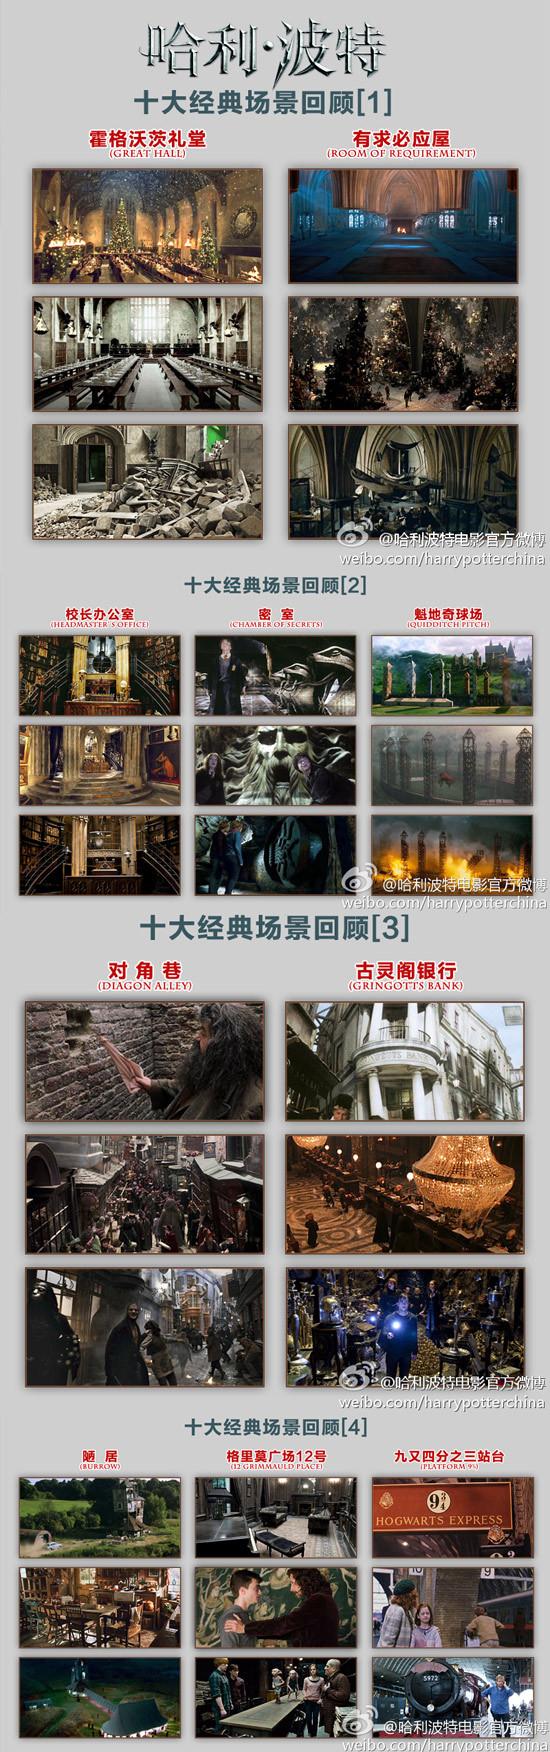 《哈利-波特》十年回顾之十大电影经典场景(图)